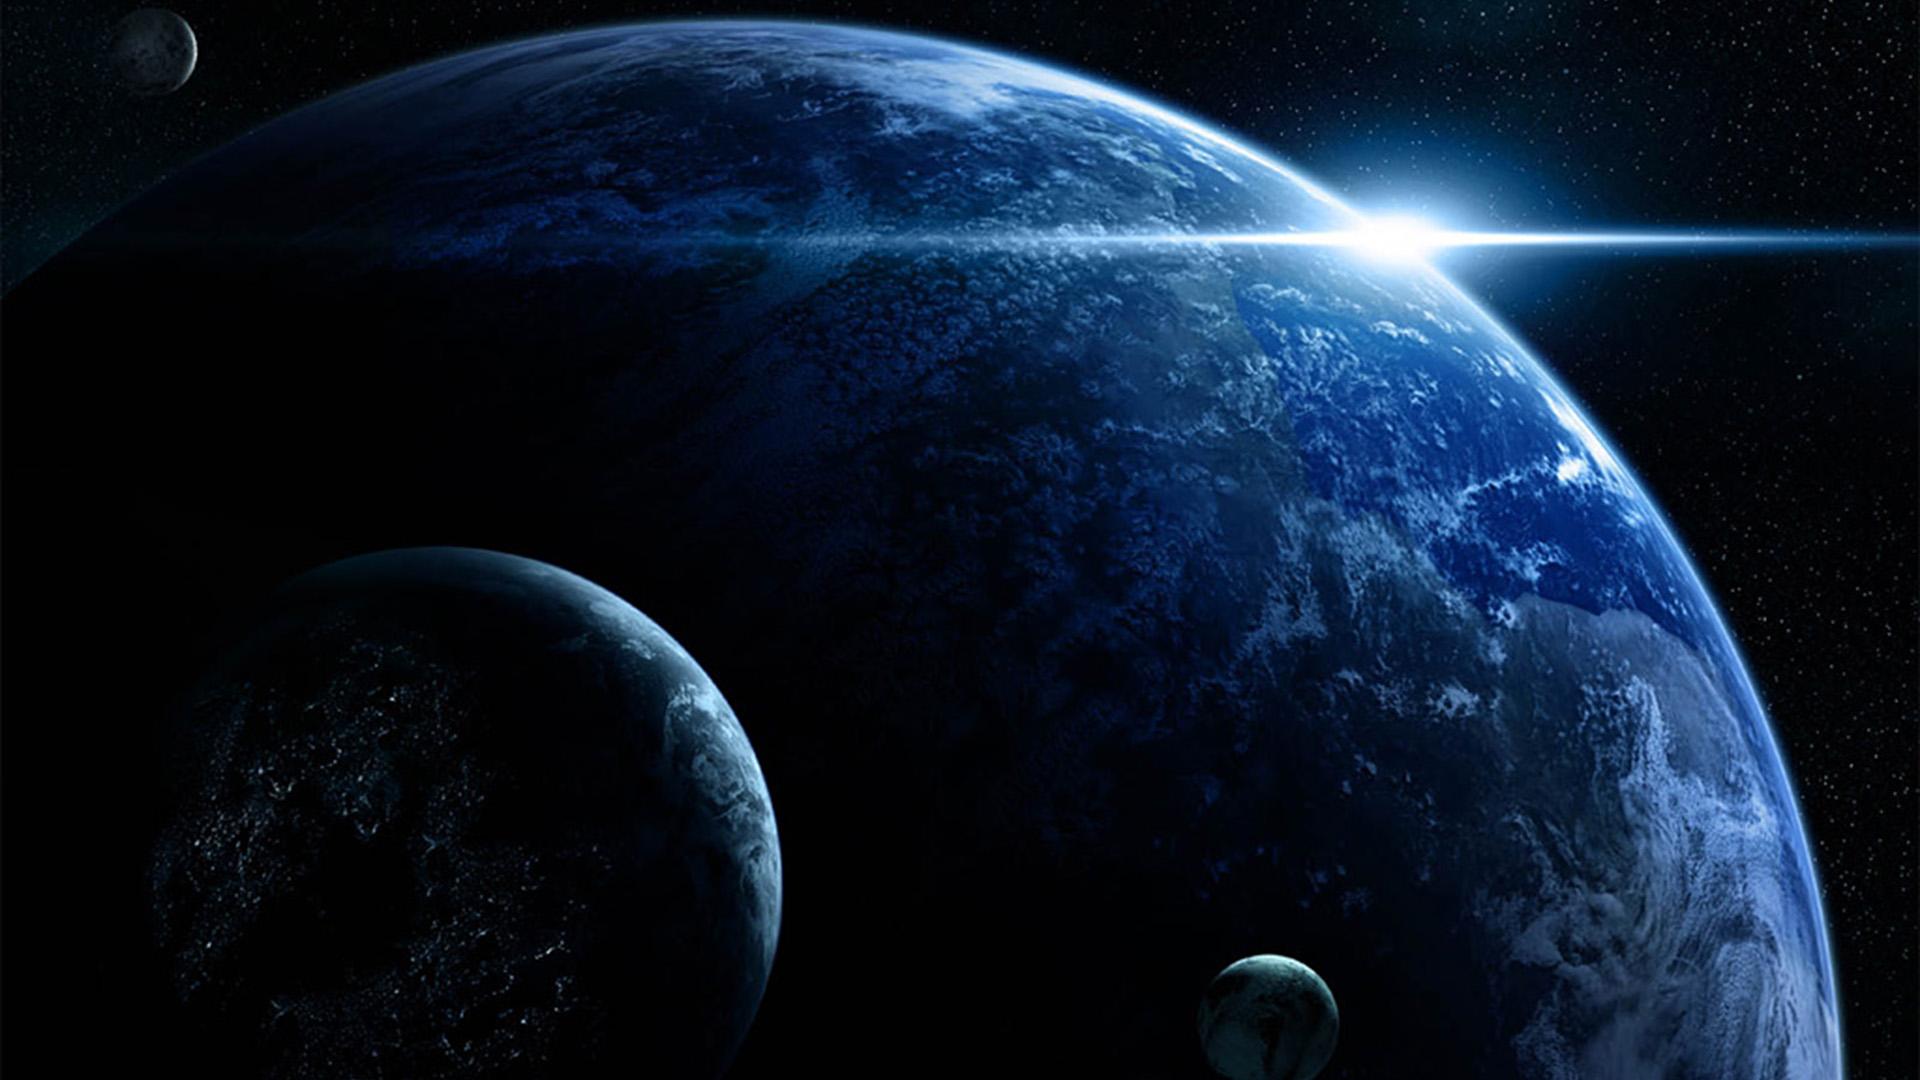 Обои планета космос орбита картинки на рабочий стол на тему Космос - скачать  № 1757017 без смс